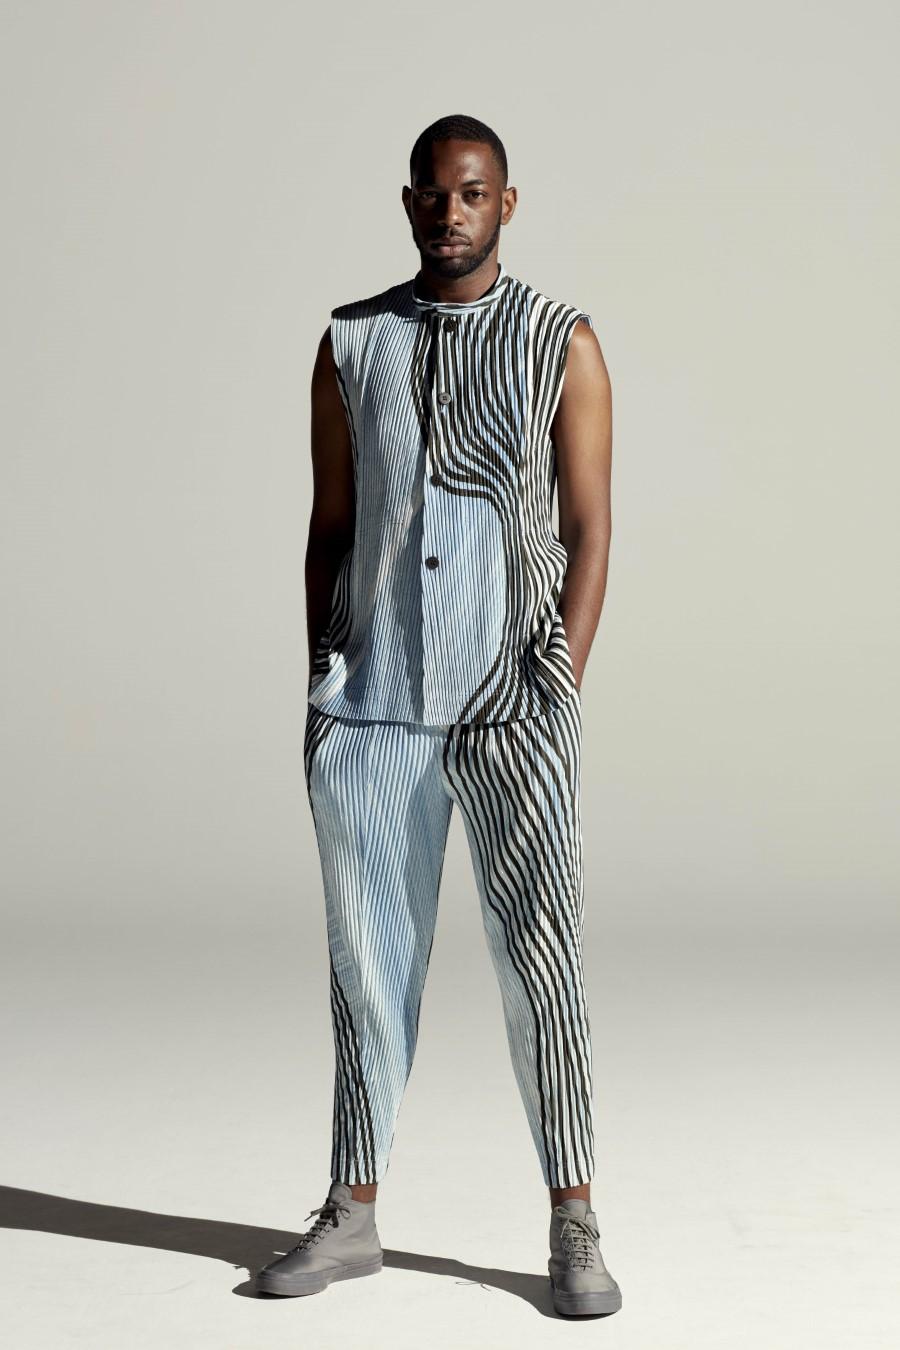 HOMME PLISSÉ ISSEY MIYAKE Spring Summer 2022 - Paris Fashion Week Men's